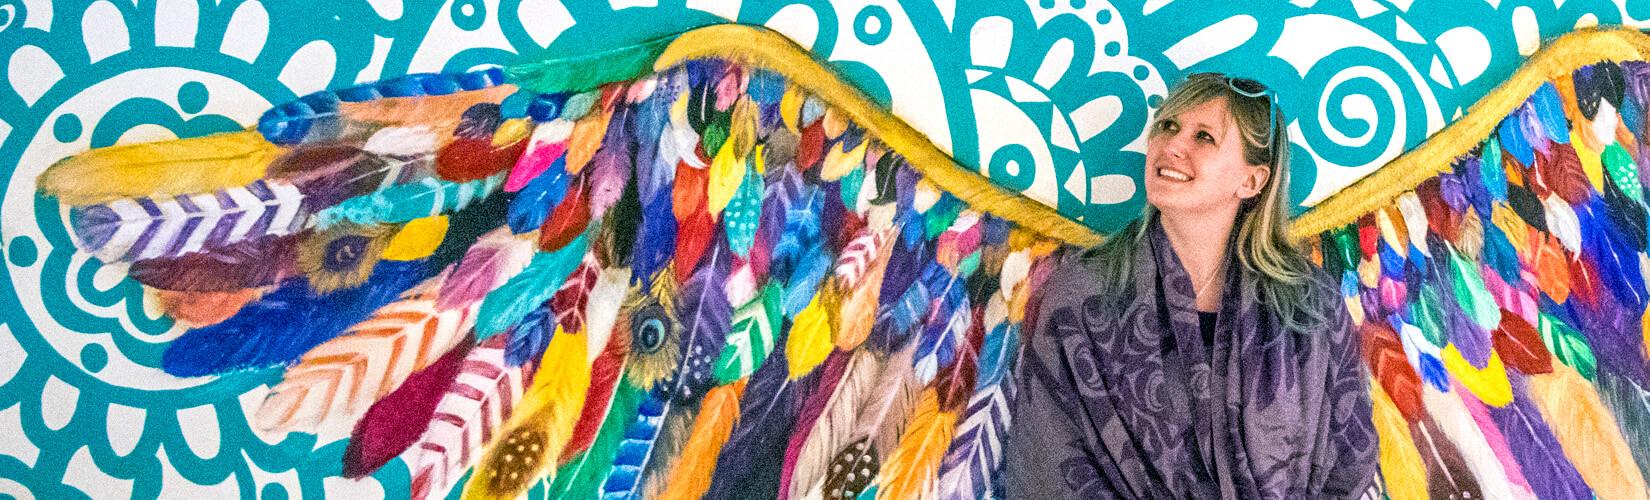 Hunt for Cozumel Street Art, A Must Do in Cozumel! :: I've Been Bit! Travel Blog